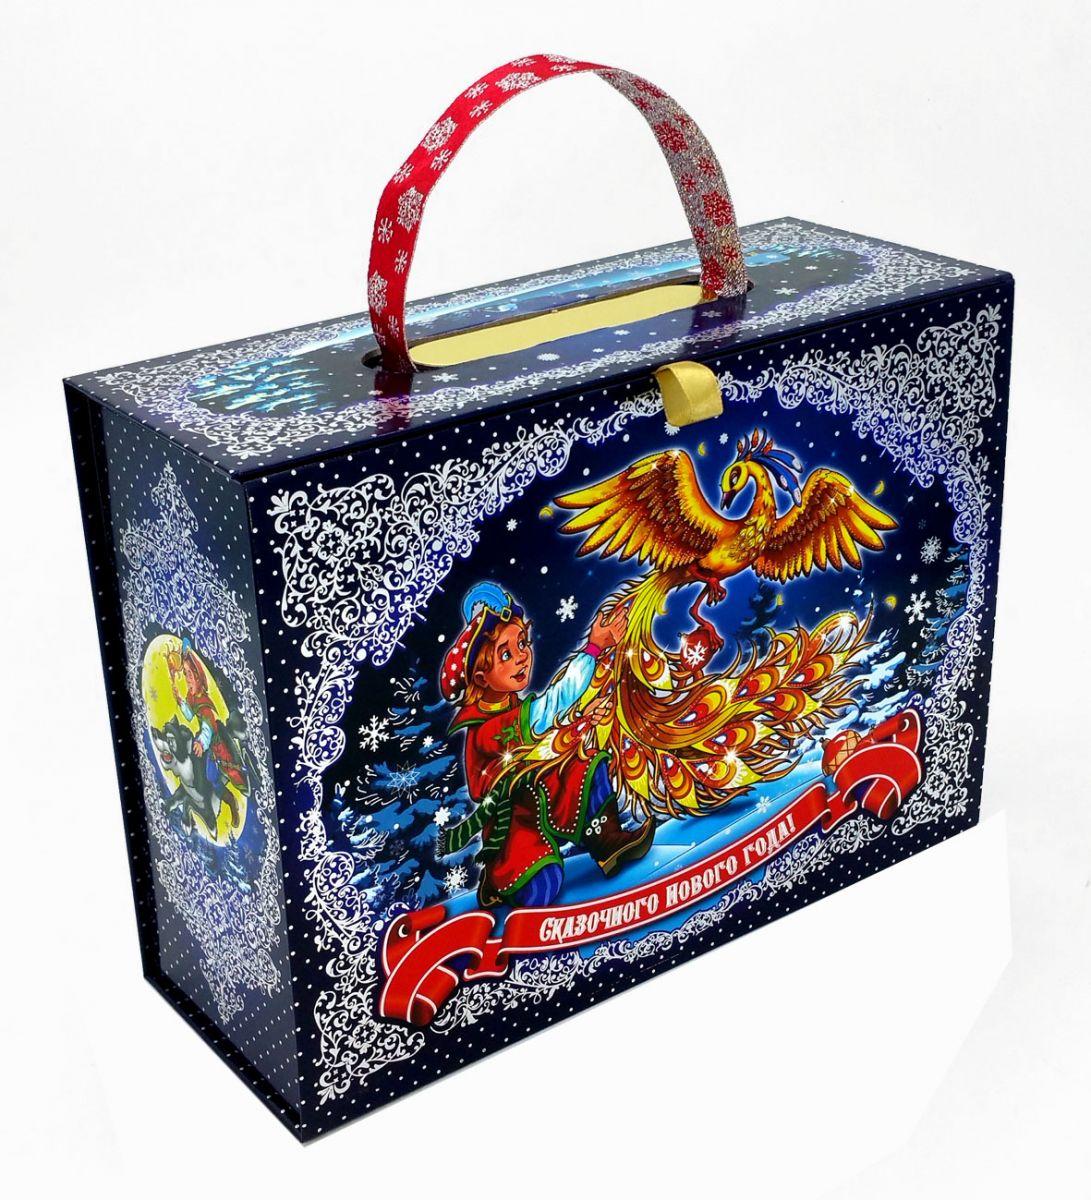 Чемодан Жар-Птица 1300 грамм